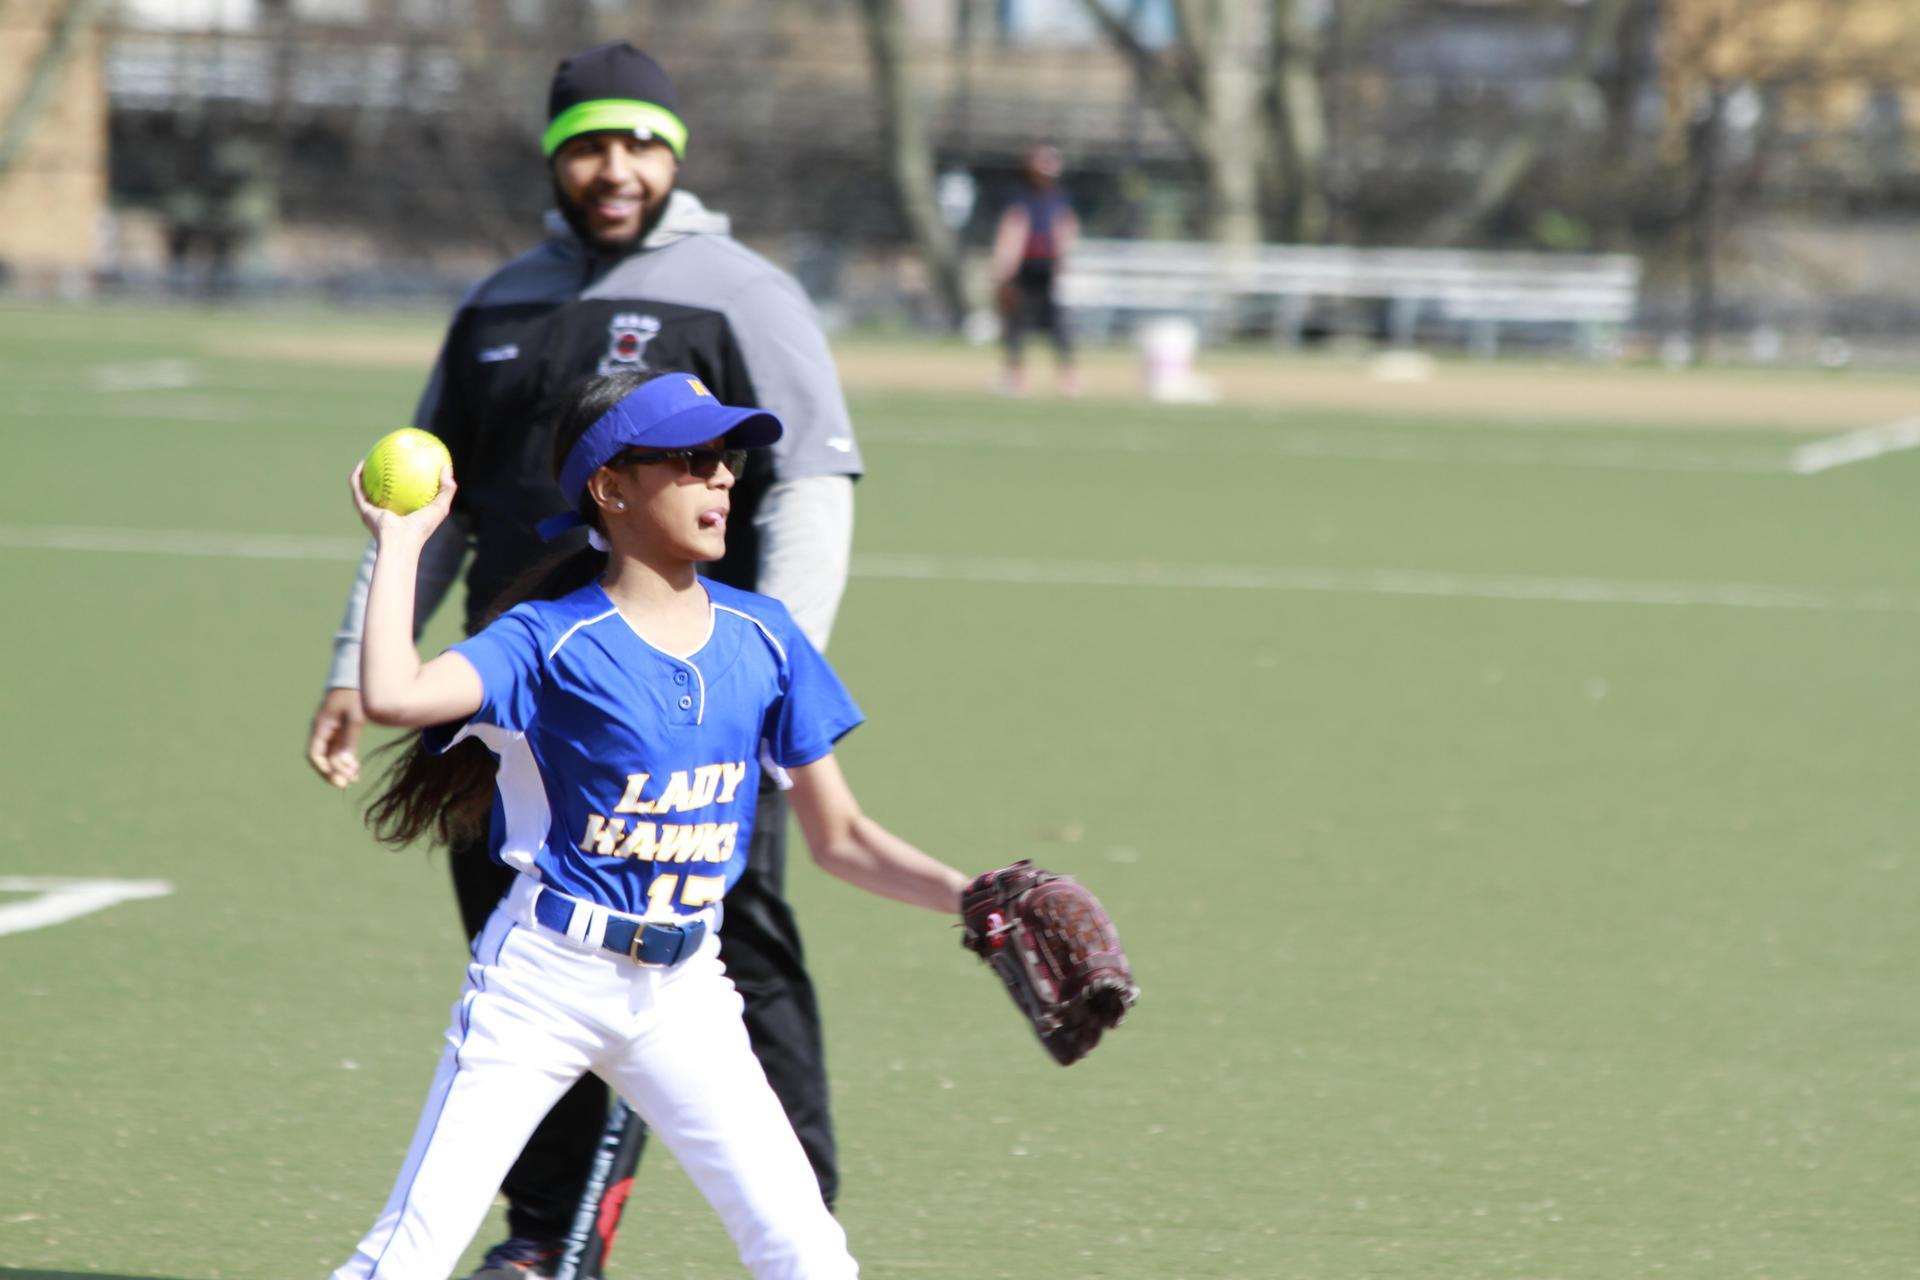 girl throwing a softball